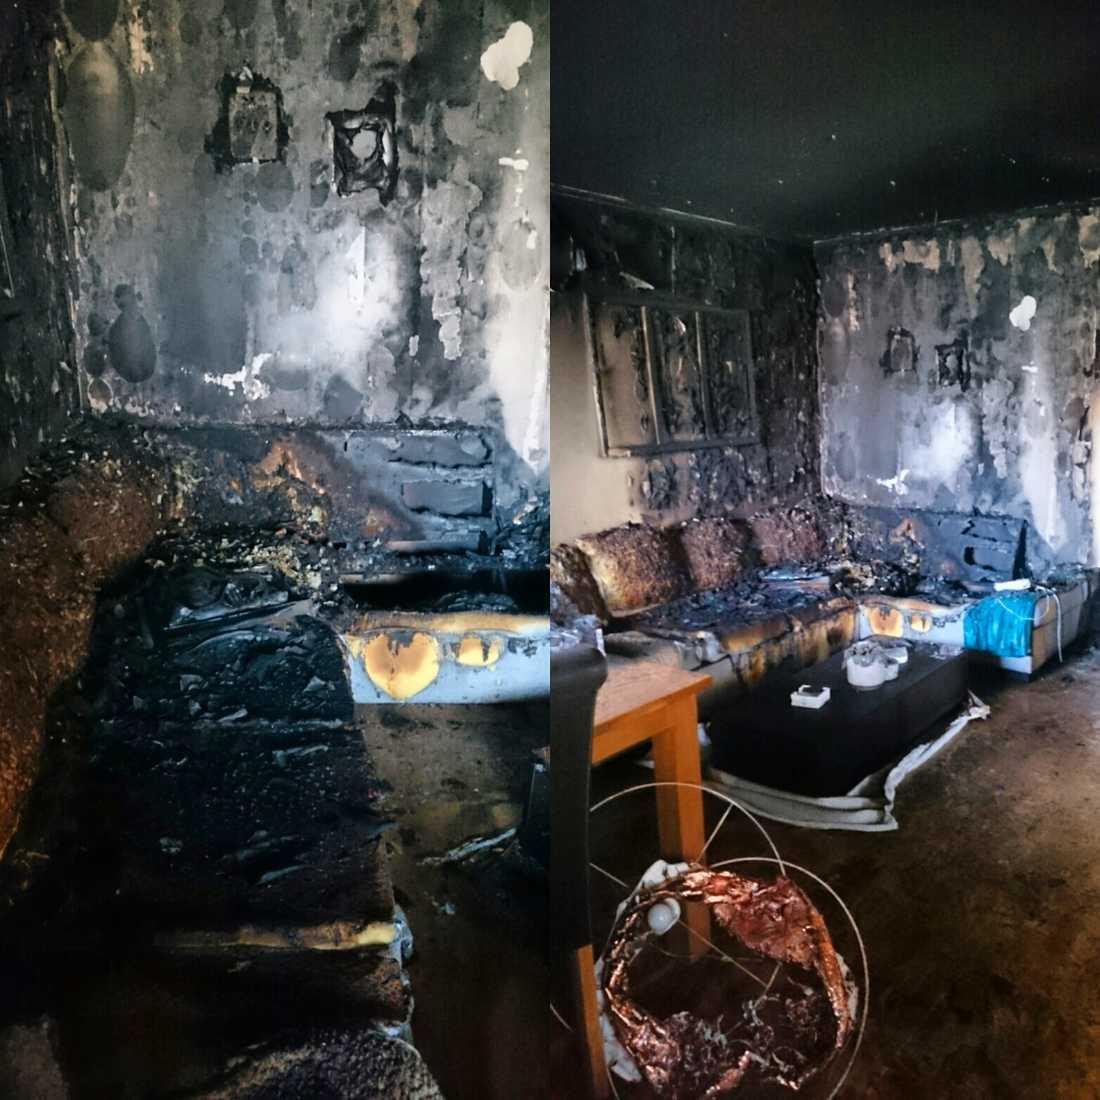 När hon kom hem var brandkåren på plats. Hennes lägenhet hade börjat brinna. Polisen tror att iPadladdaren är orsaken. Hela lägenheten förstördes.